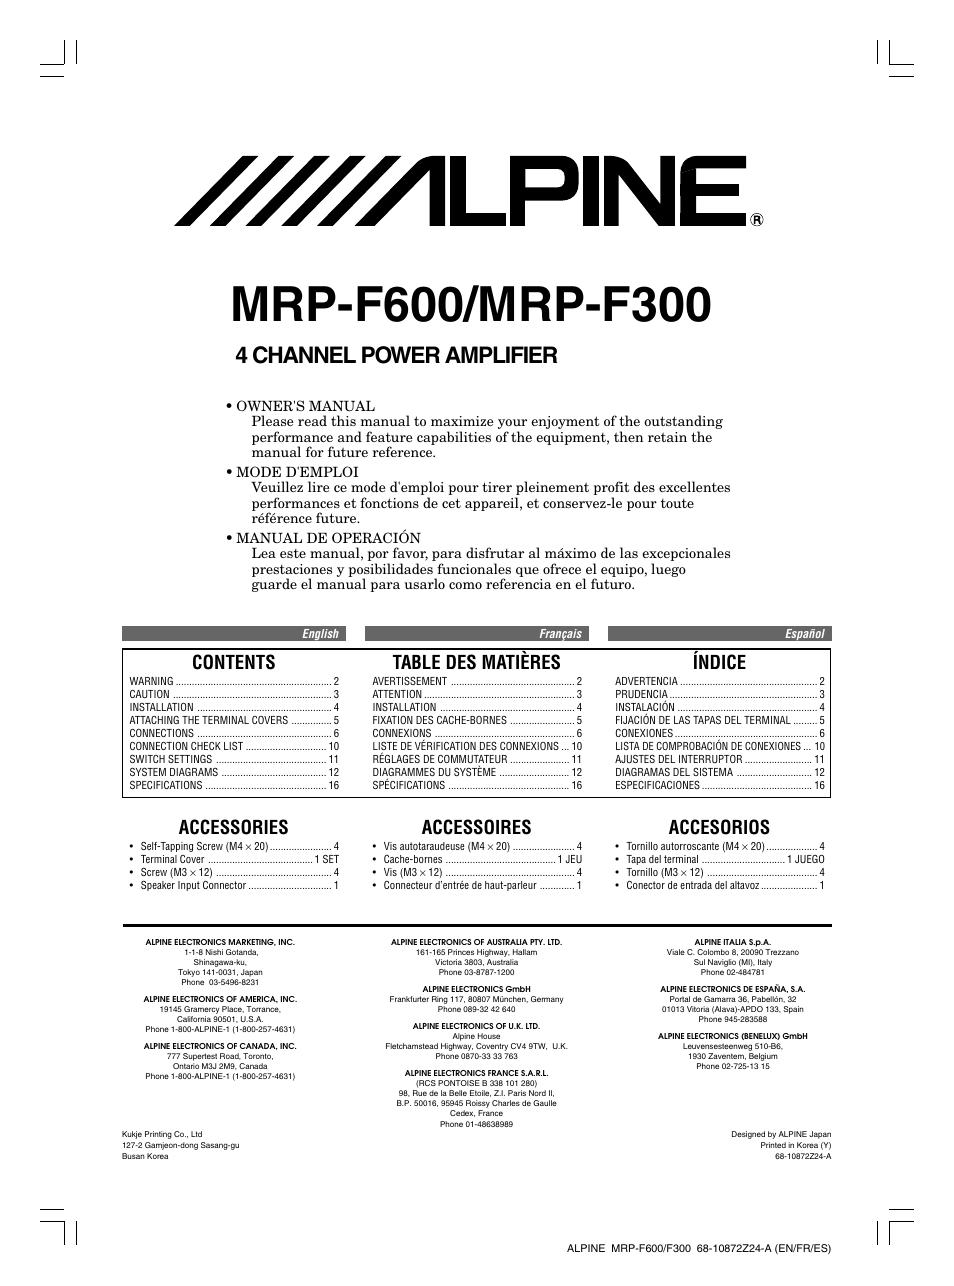 alpine mrp